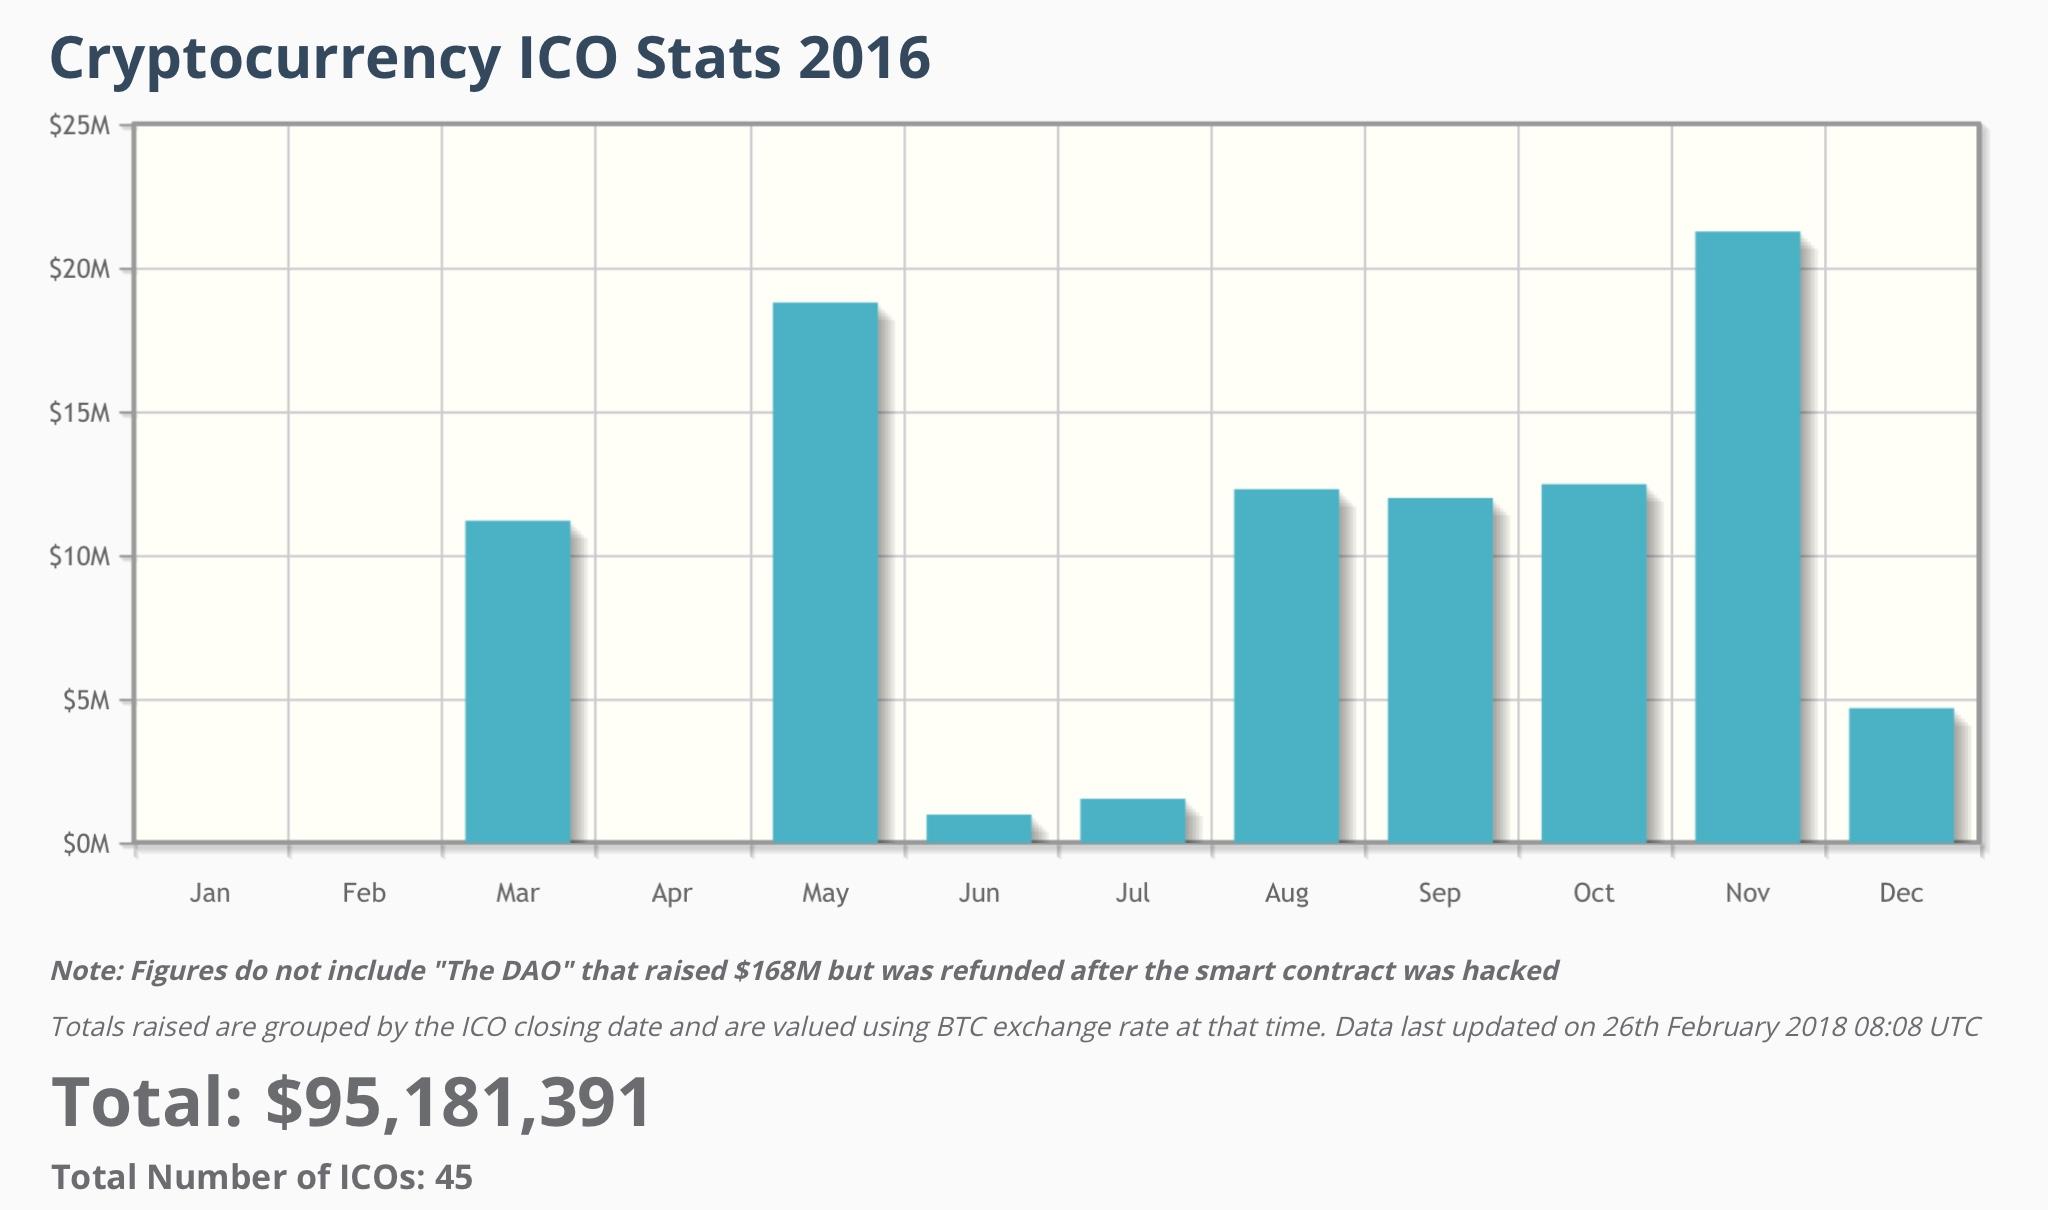 эволюция ICO - объем 2016